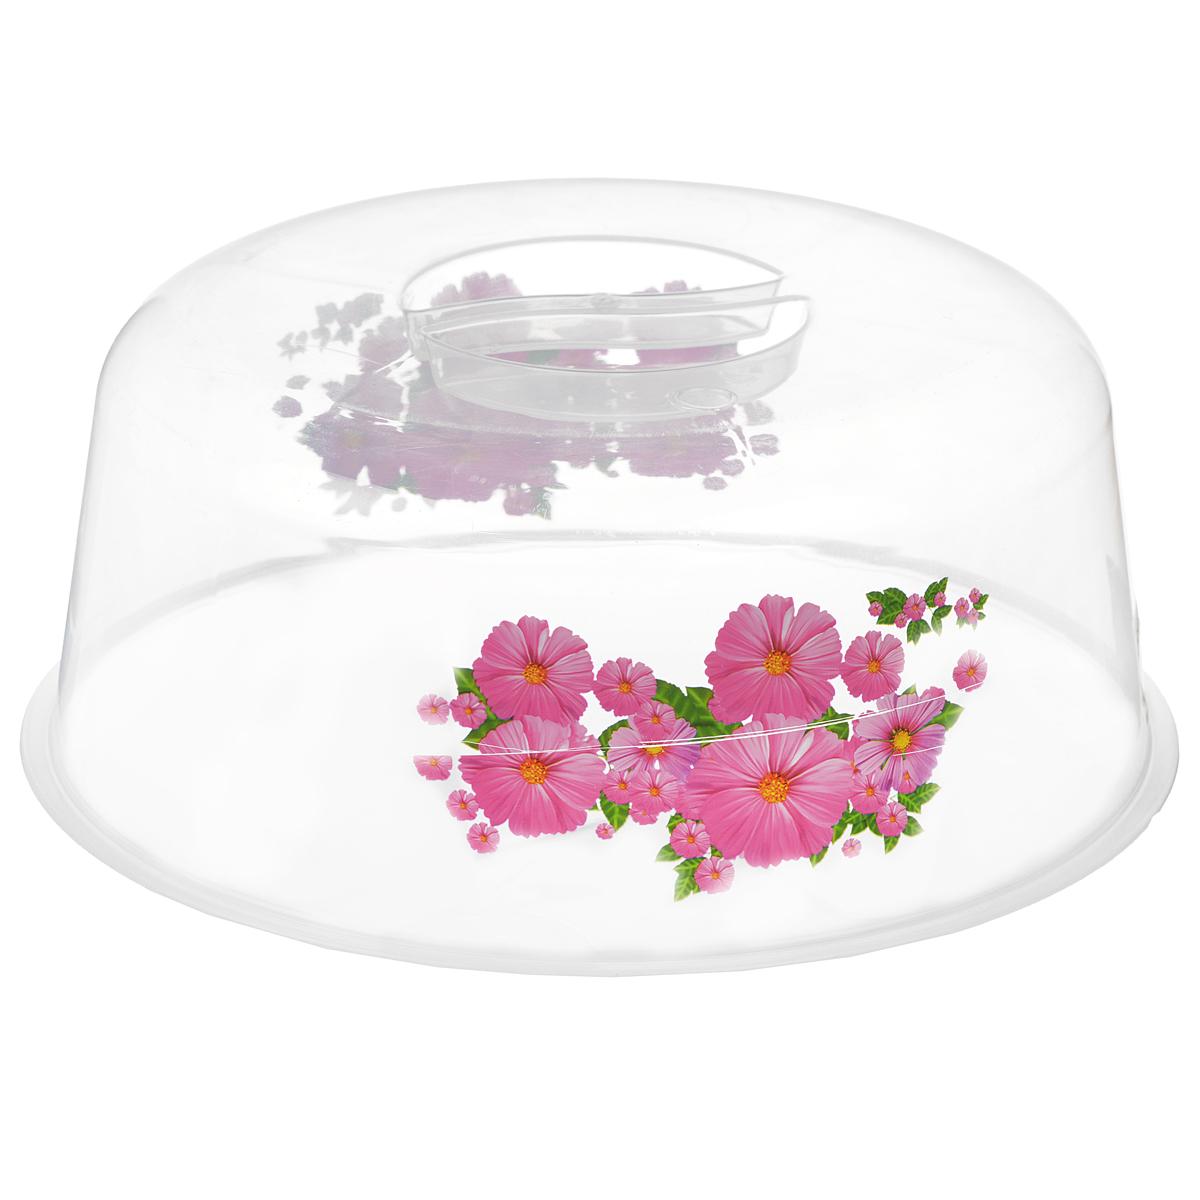 Крышка для СВЧ Альтернатива Цветы, диаметр 24,5 смM3659Крышка для СВЧ Альтернатива Цветы изготовлена из пластика. В крышке имеется небольшое отверстие для выпуска пара.